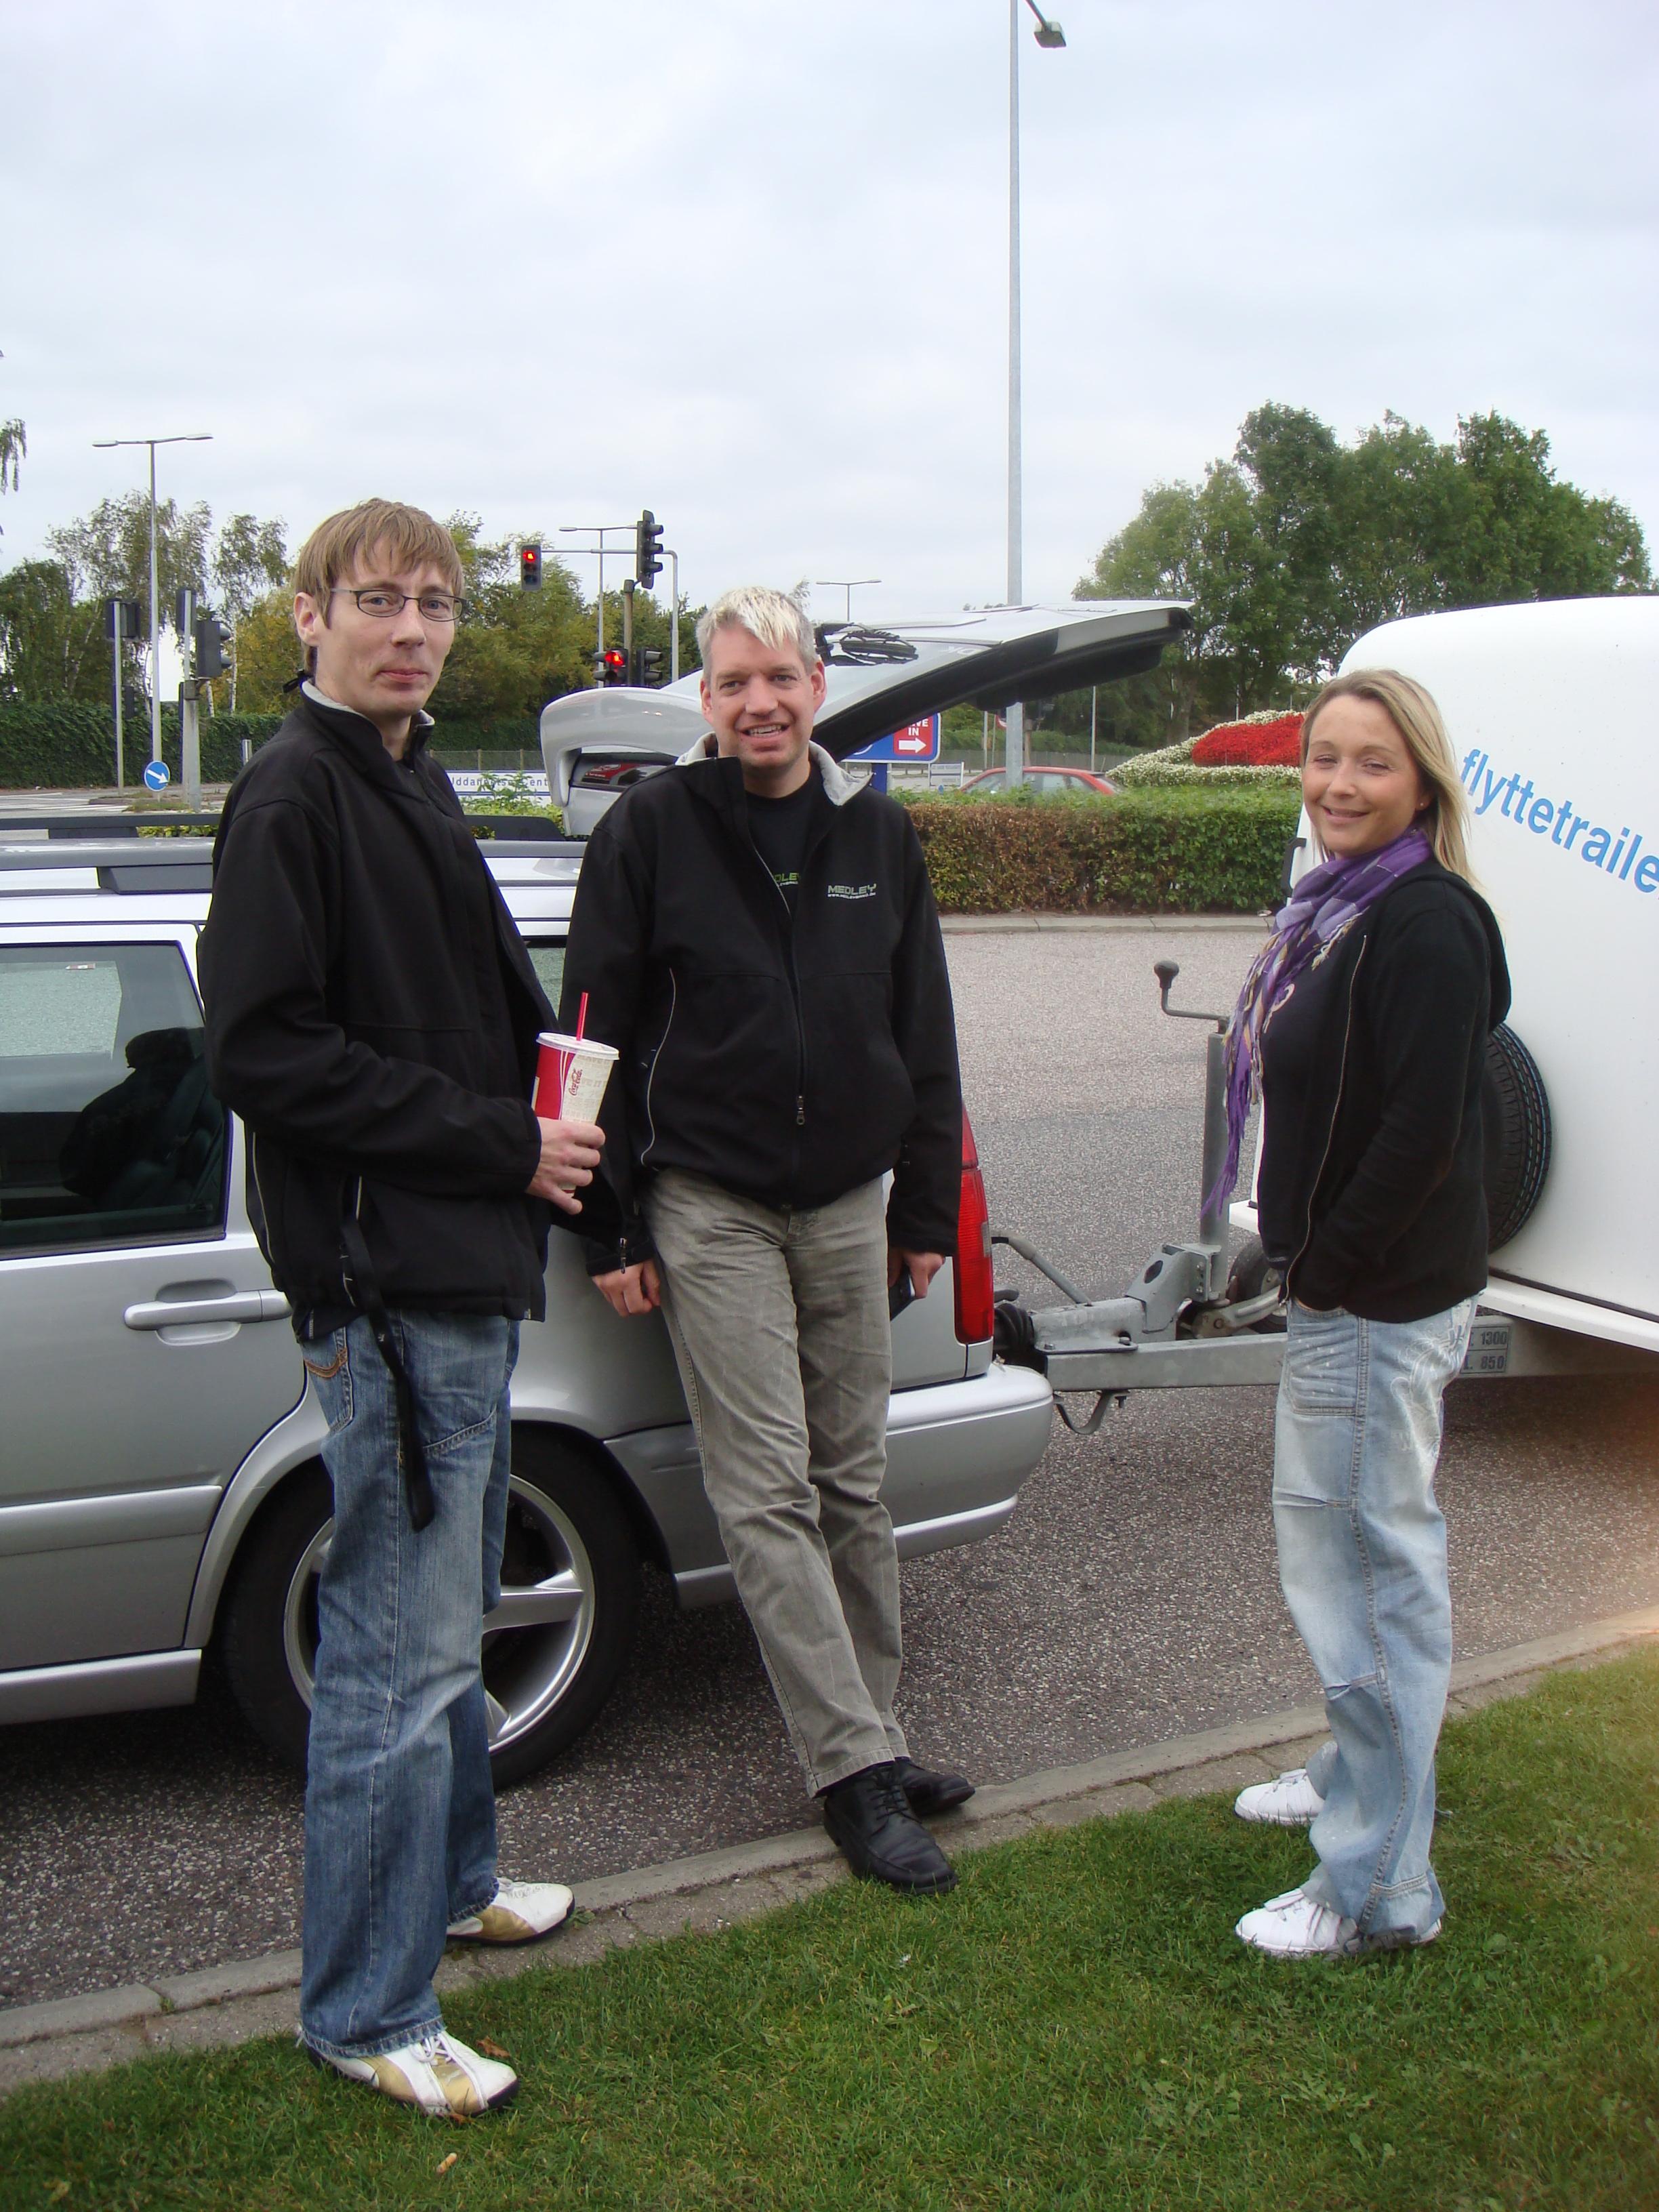 2009 - et sted i Jylland